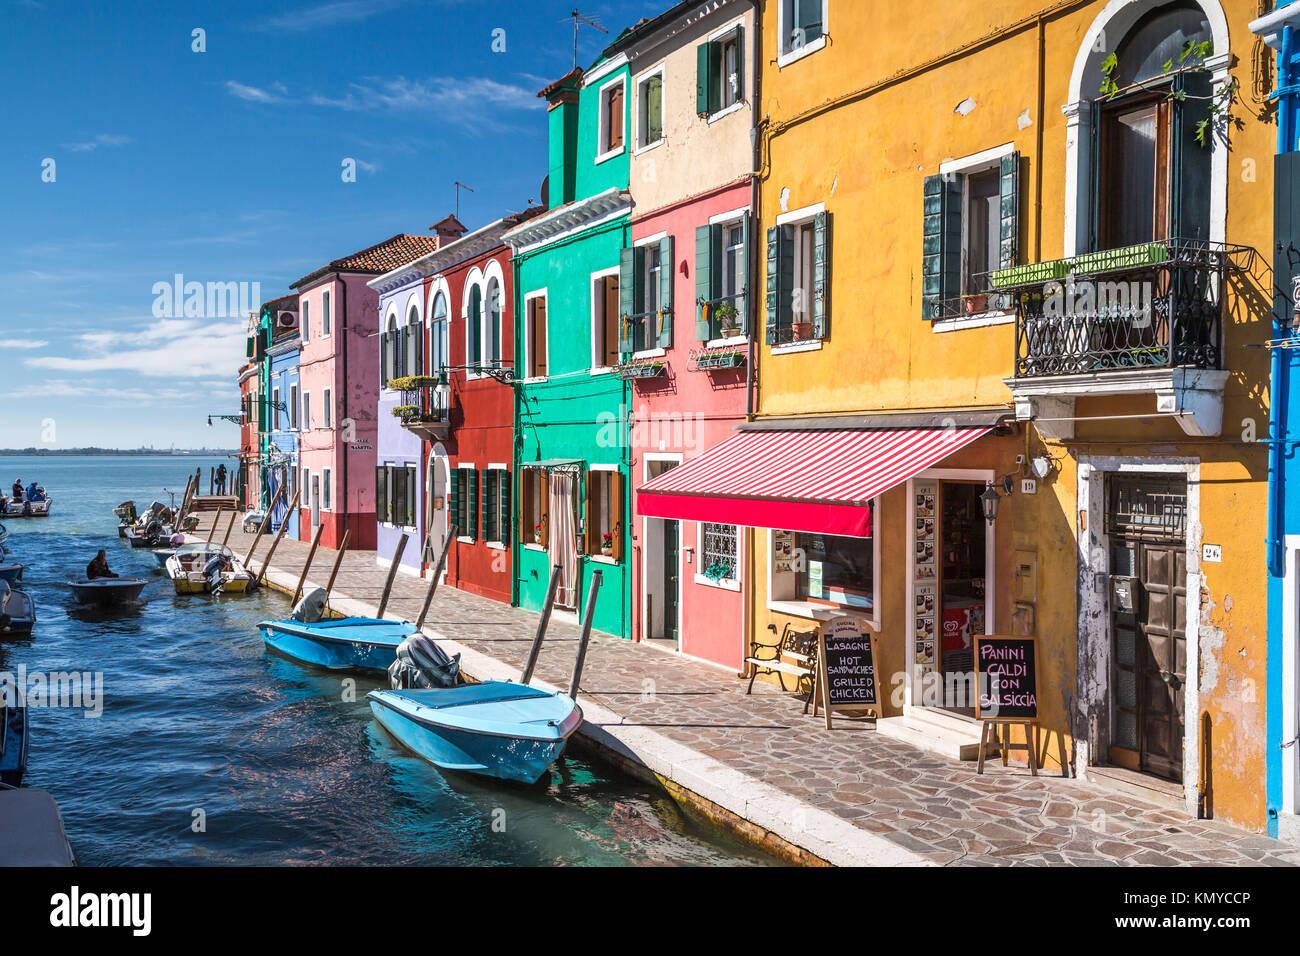 Die farbenfrohen Gebäude, Kanäle und Boote in der Venezianischen vlllage Burano, Venedig, Italien, Europa. Stockbild